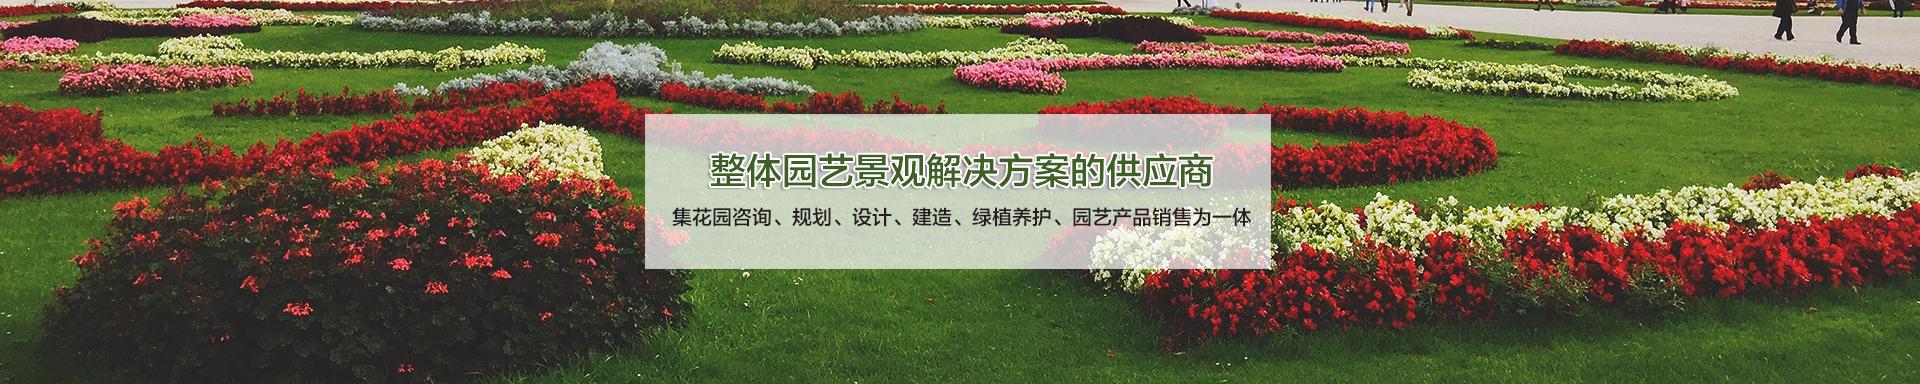 上海立体绿化工程